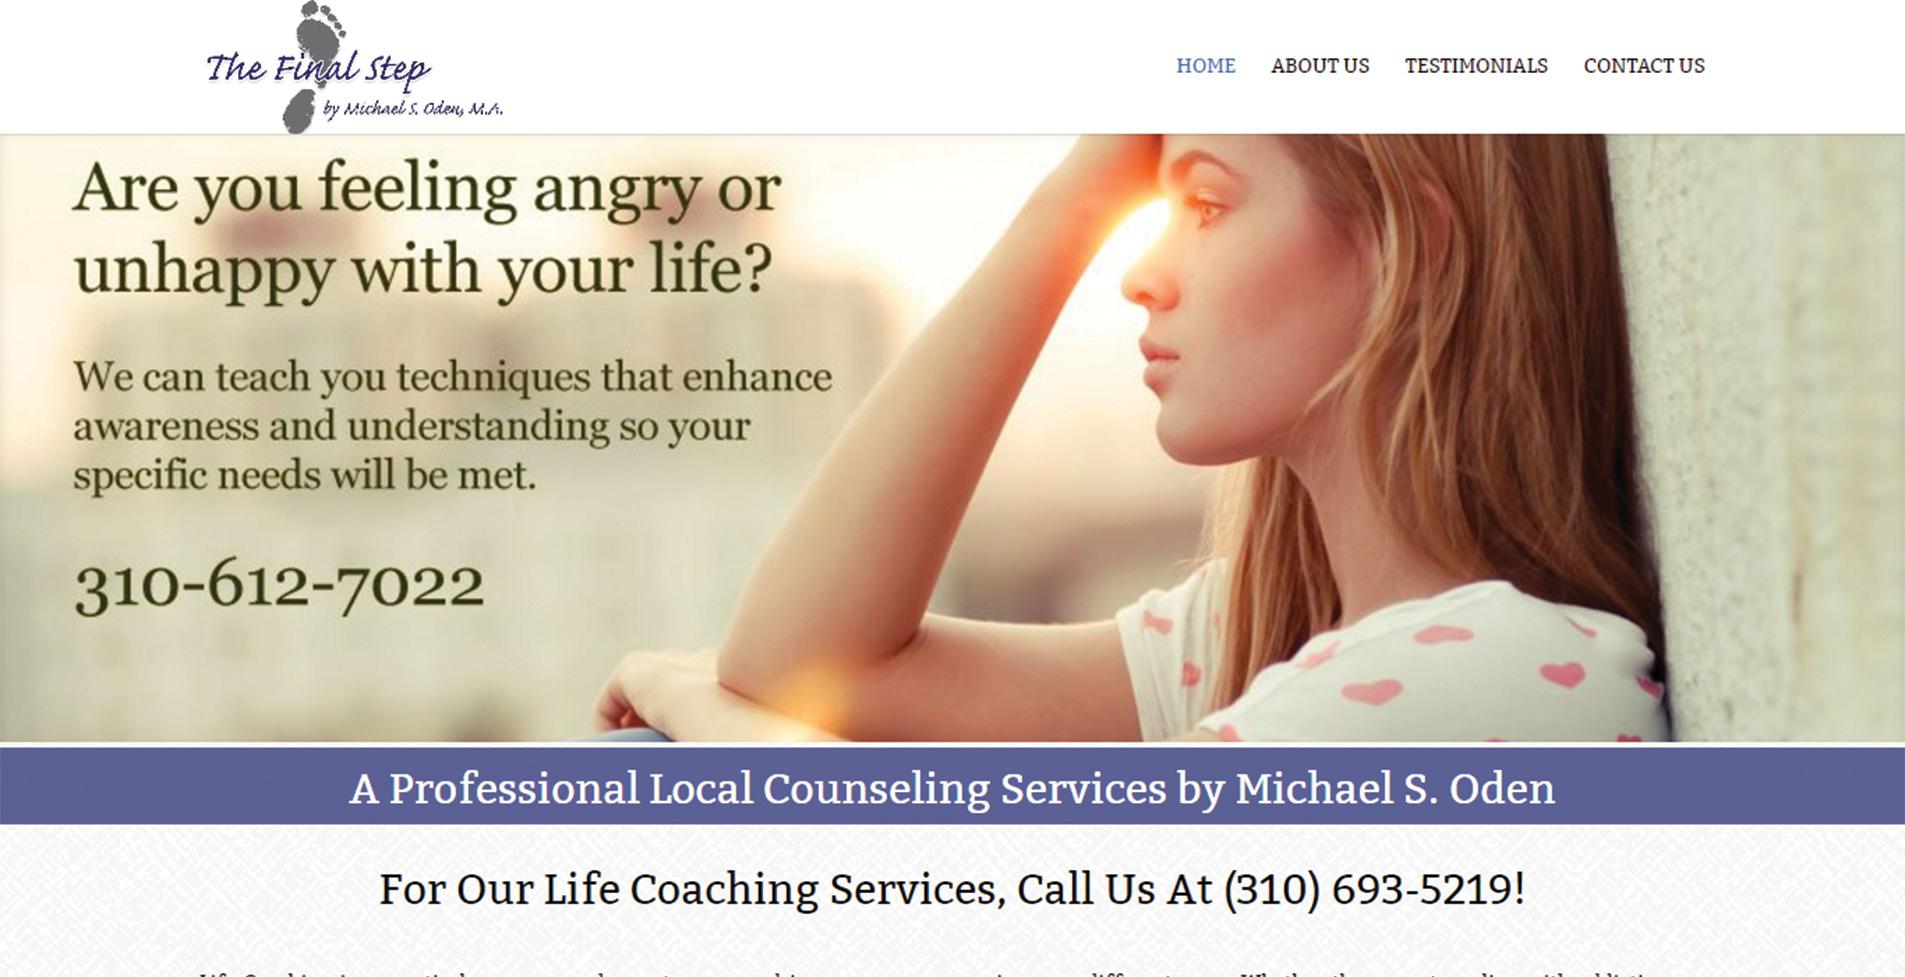 уеб сайт за компания предоставяща професионална психологическа помощ